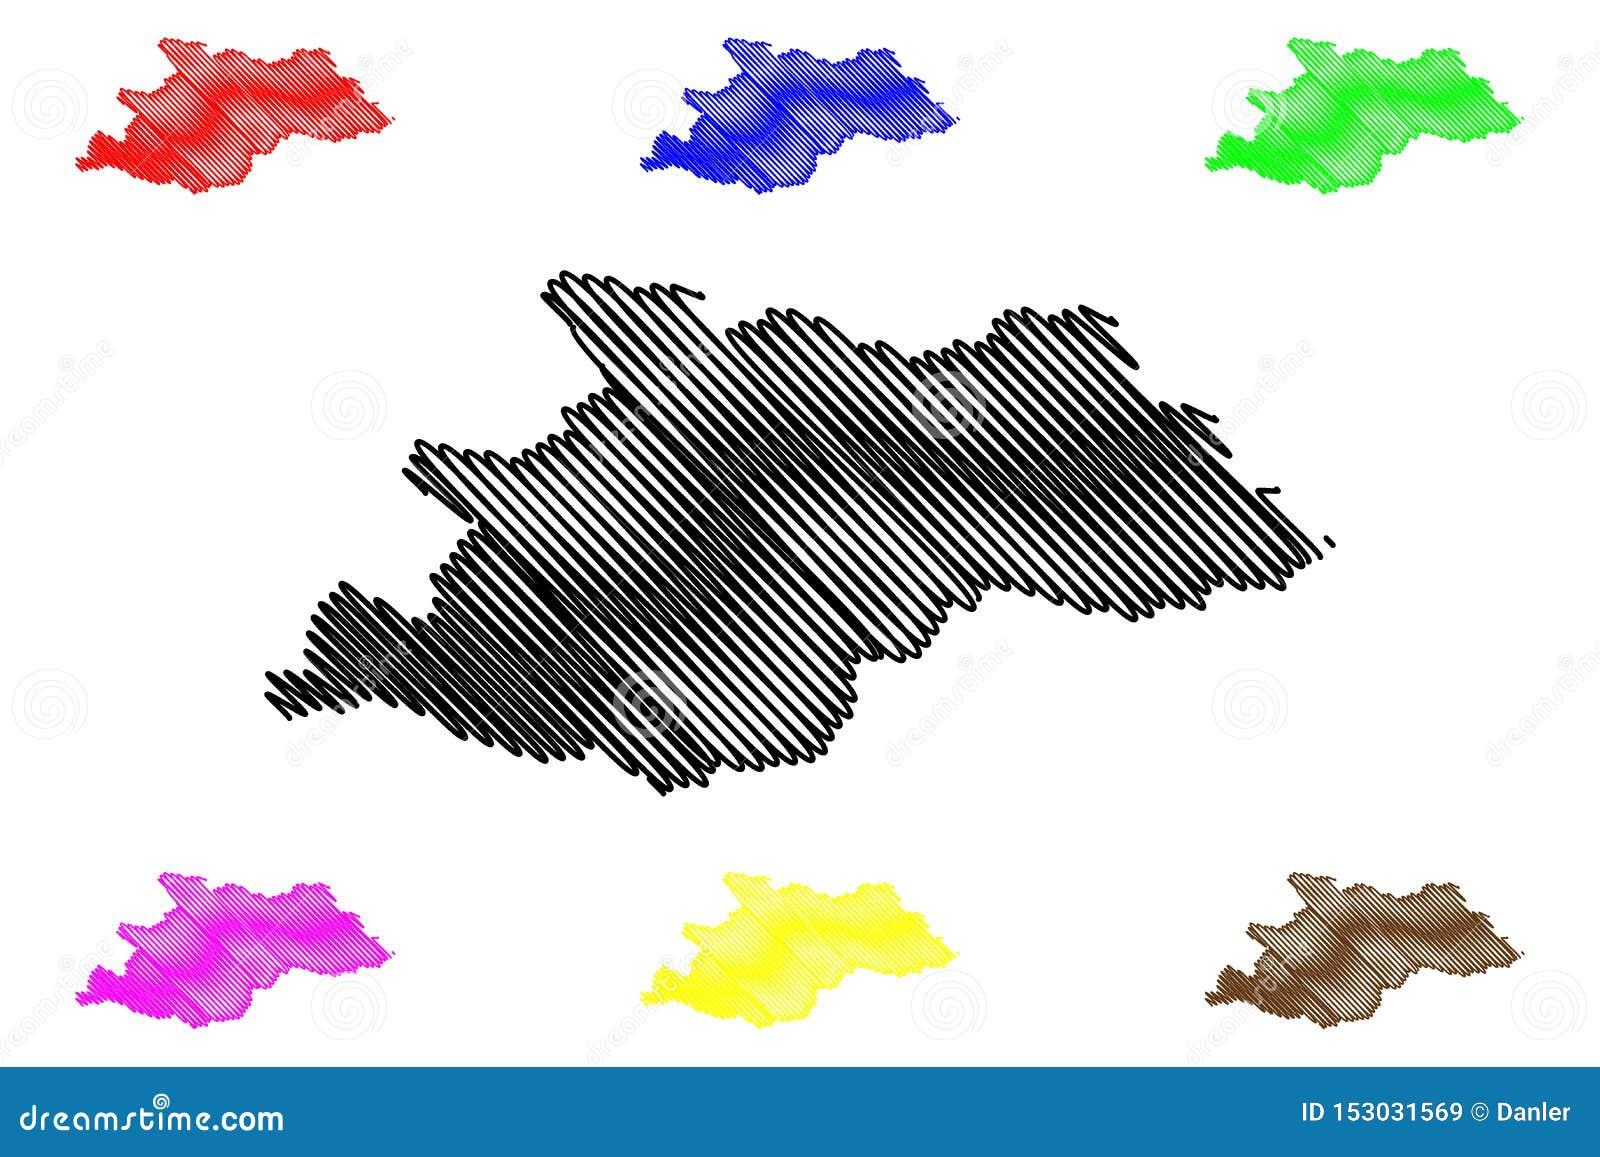 Διοικητικά τμήματα κομητειών Maramures διανυσματική απεικόνιση χαρτών της Ρουμανίας, περιοχή ανάπτυξης nord-φανέλλων, σκίτσο κακο